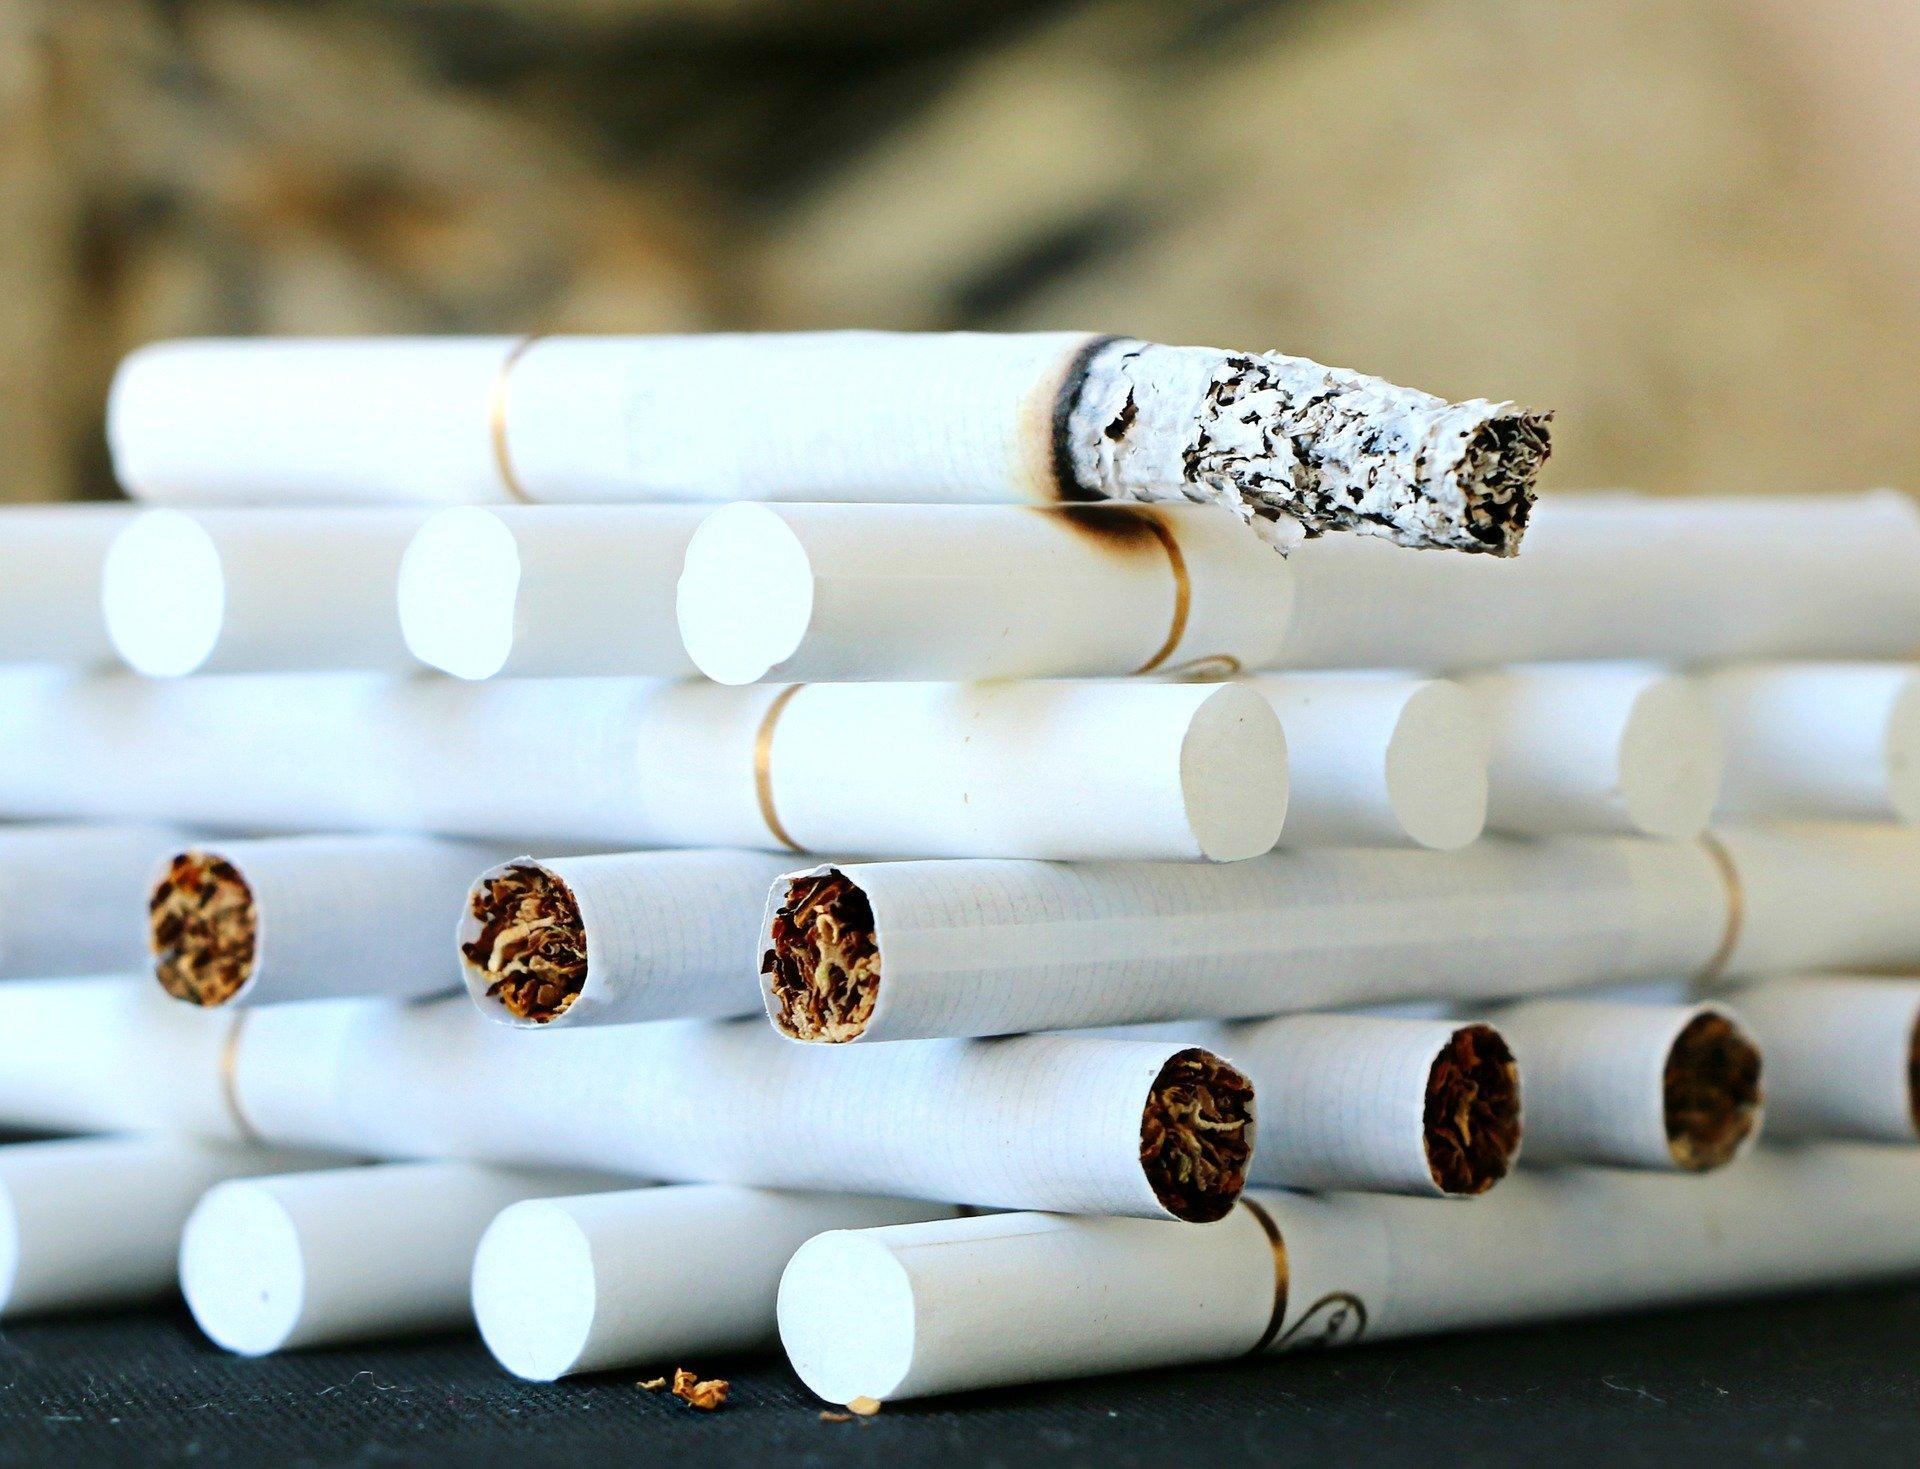 Hohes Risiko, alternative Tabakprodukte überproportional verkauft in einkommensschwachen Gemeinden